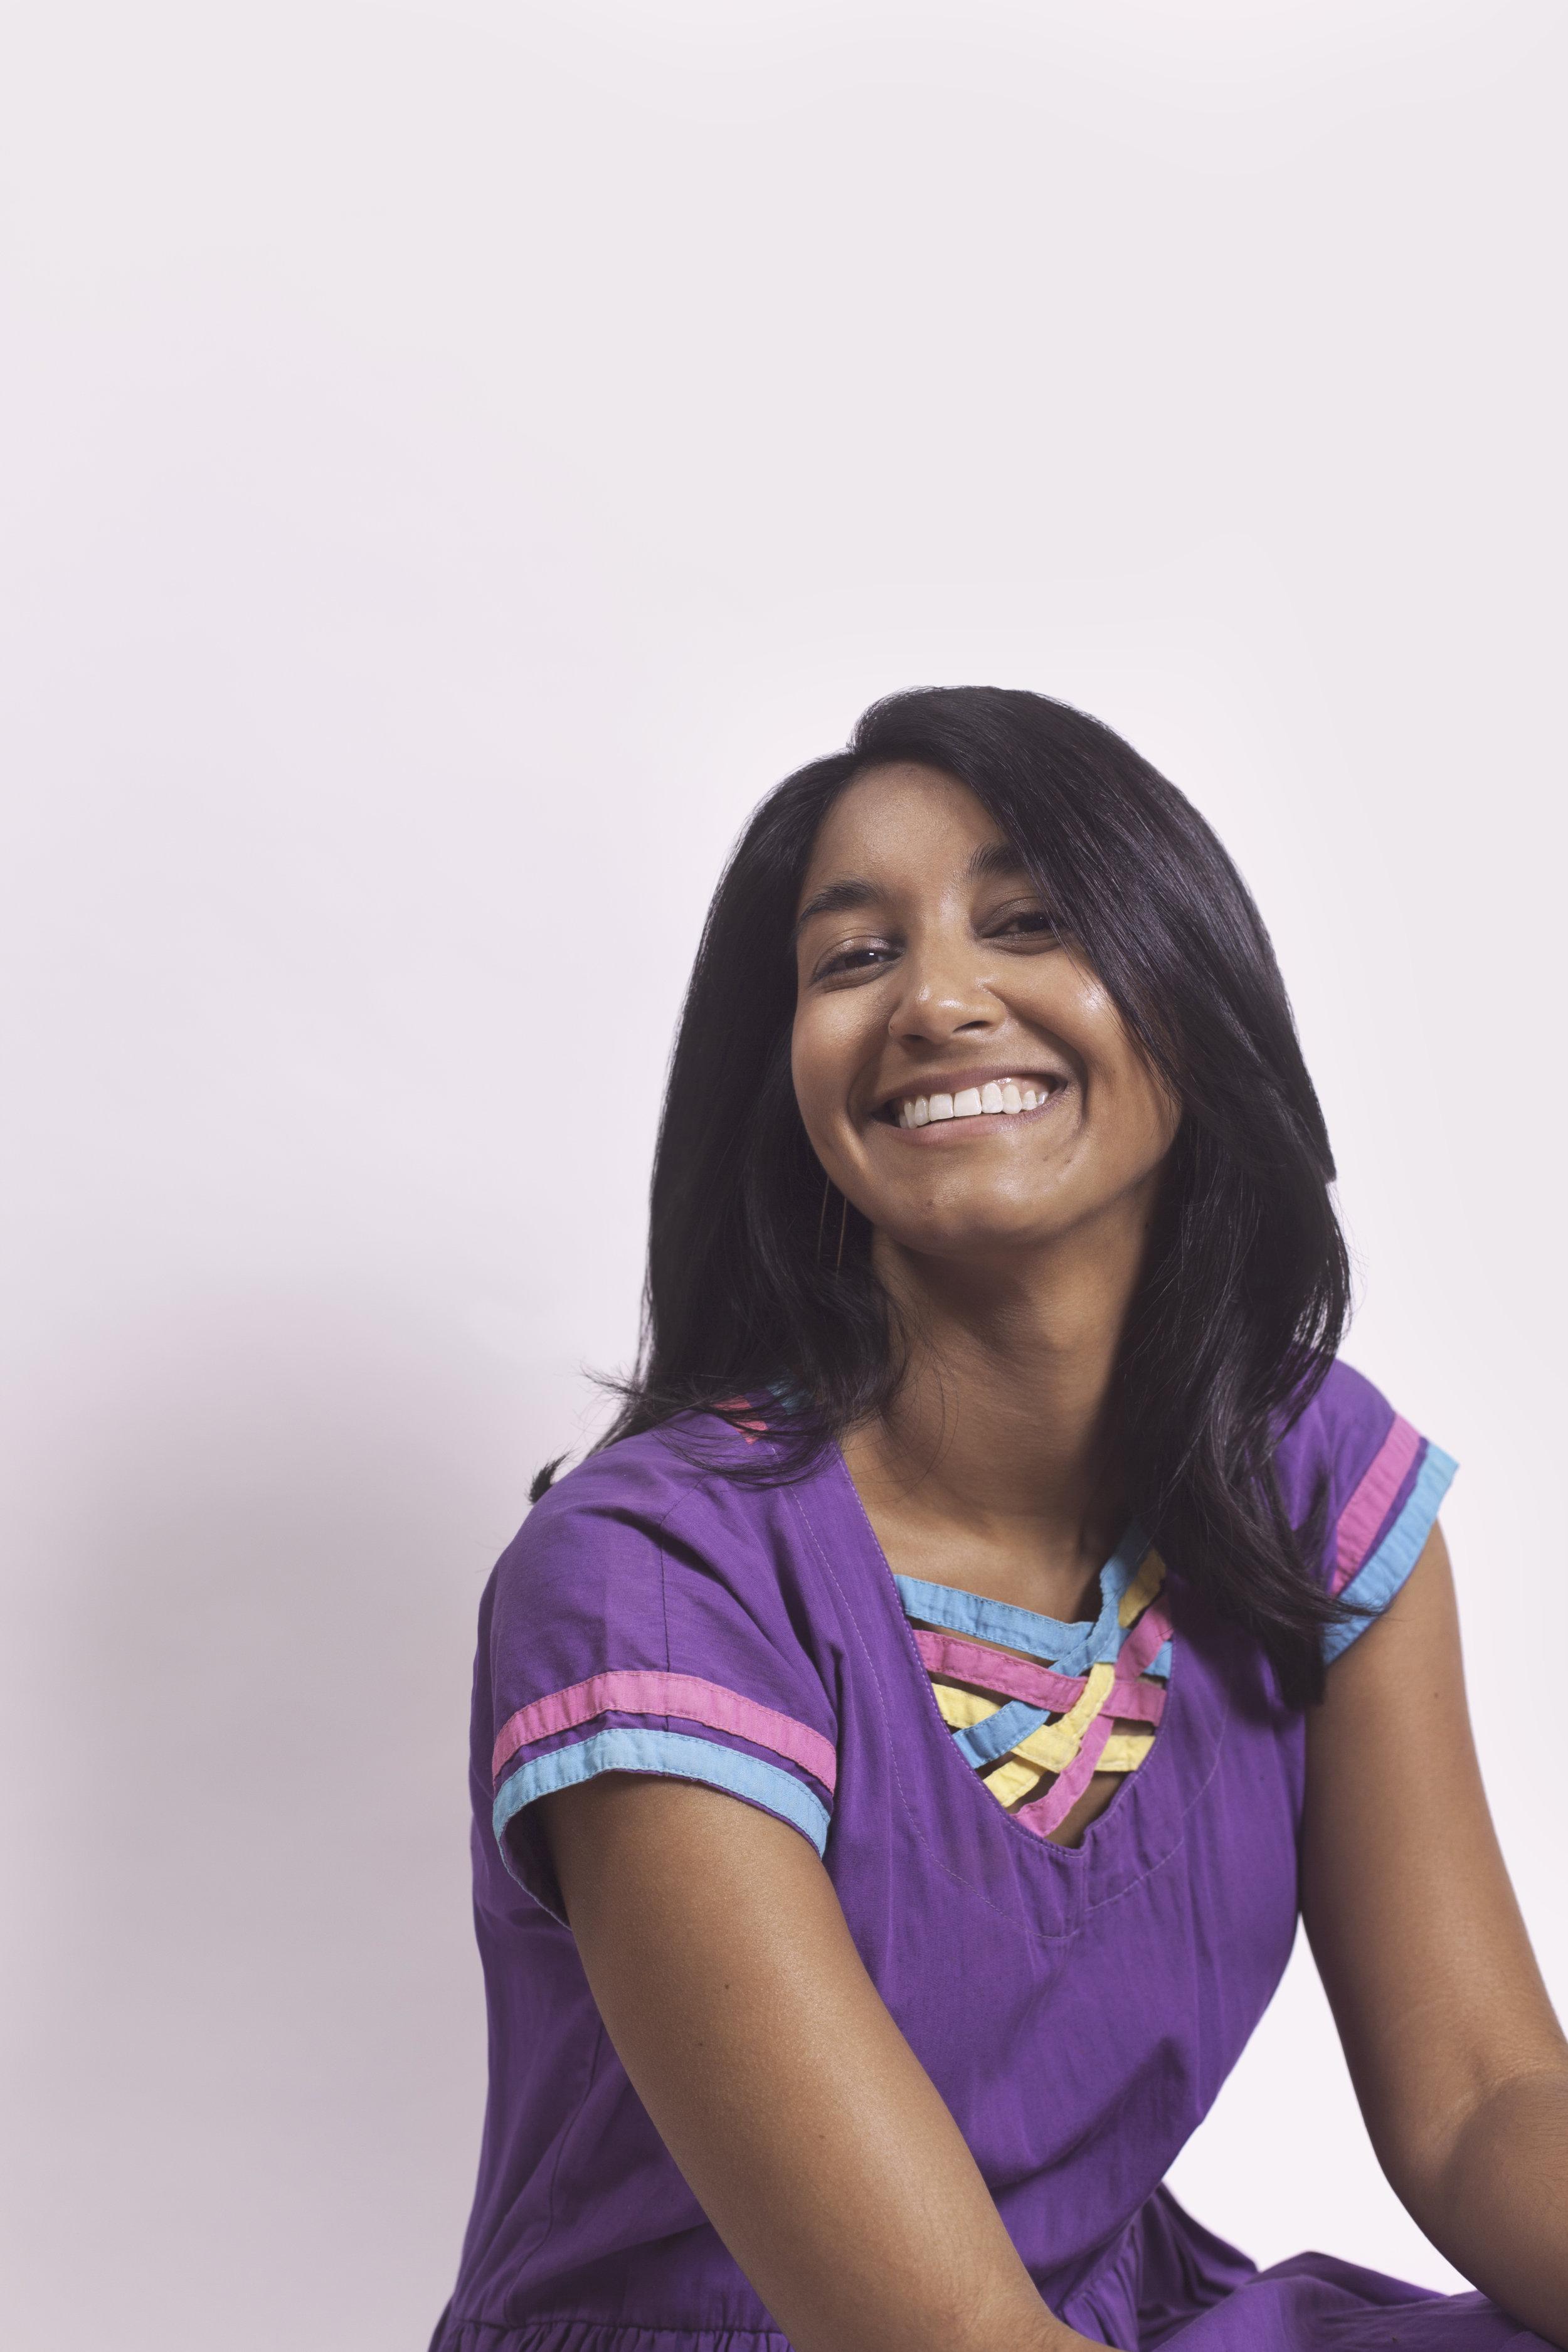 Krystal Persaud - Founder at Grouphug